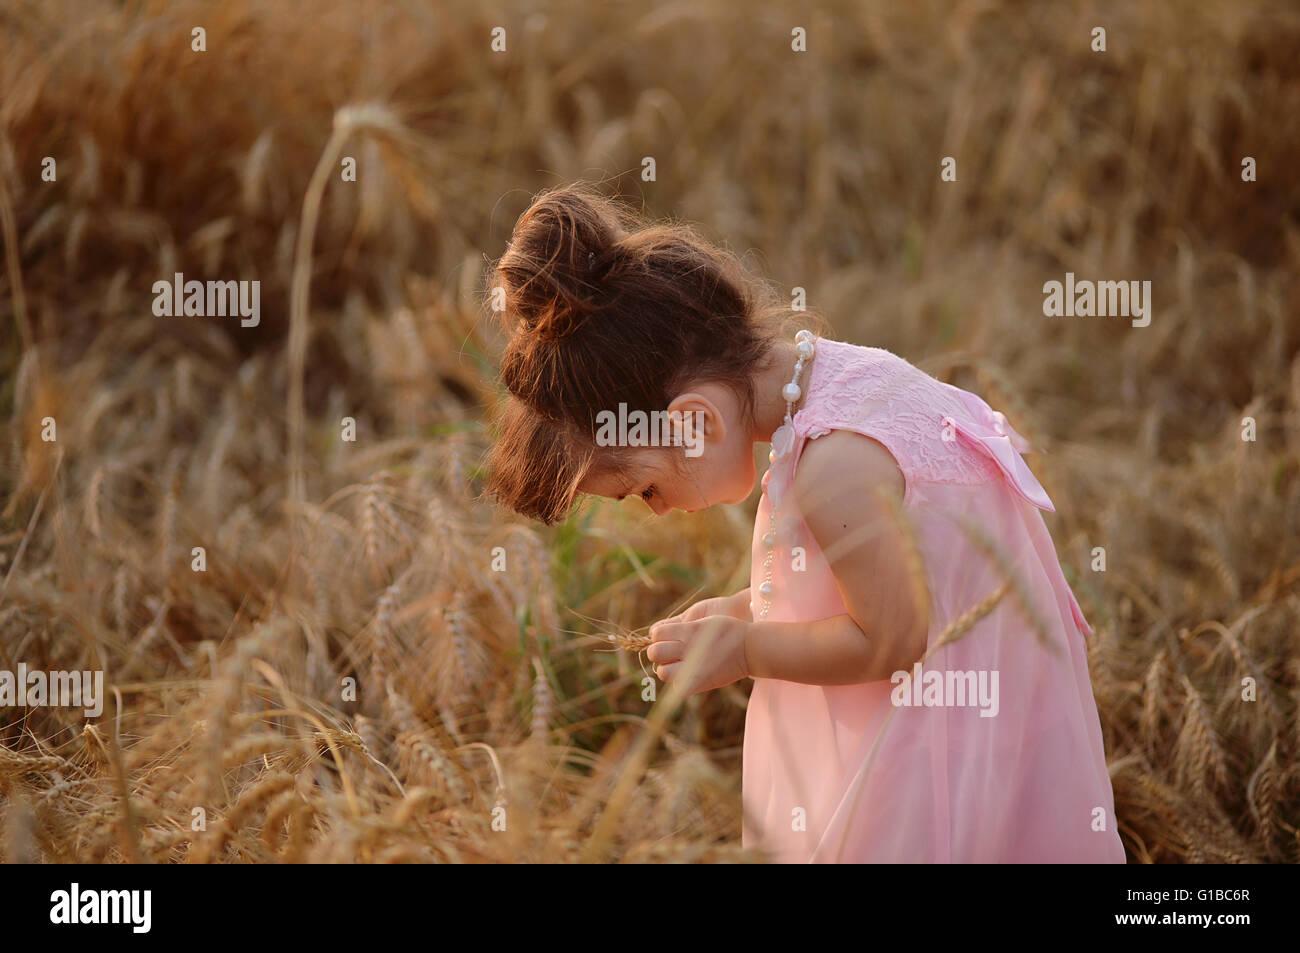 Piccola ragazza in un abito rosa si è appoggiato su di frumento spikelets. Immagini Stock